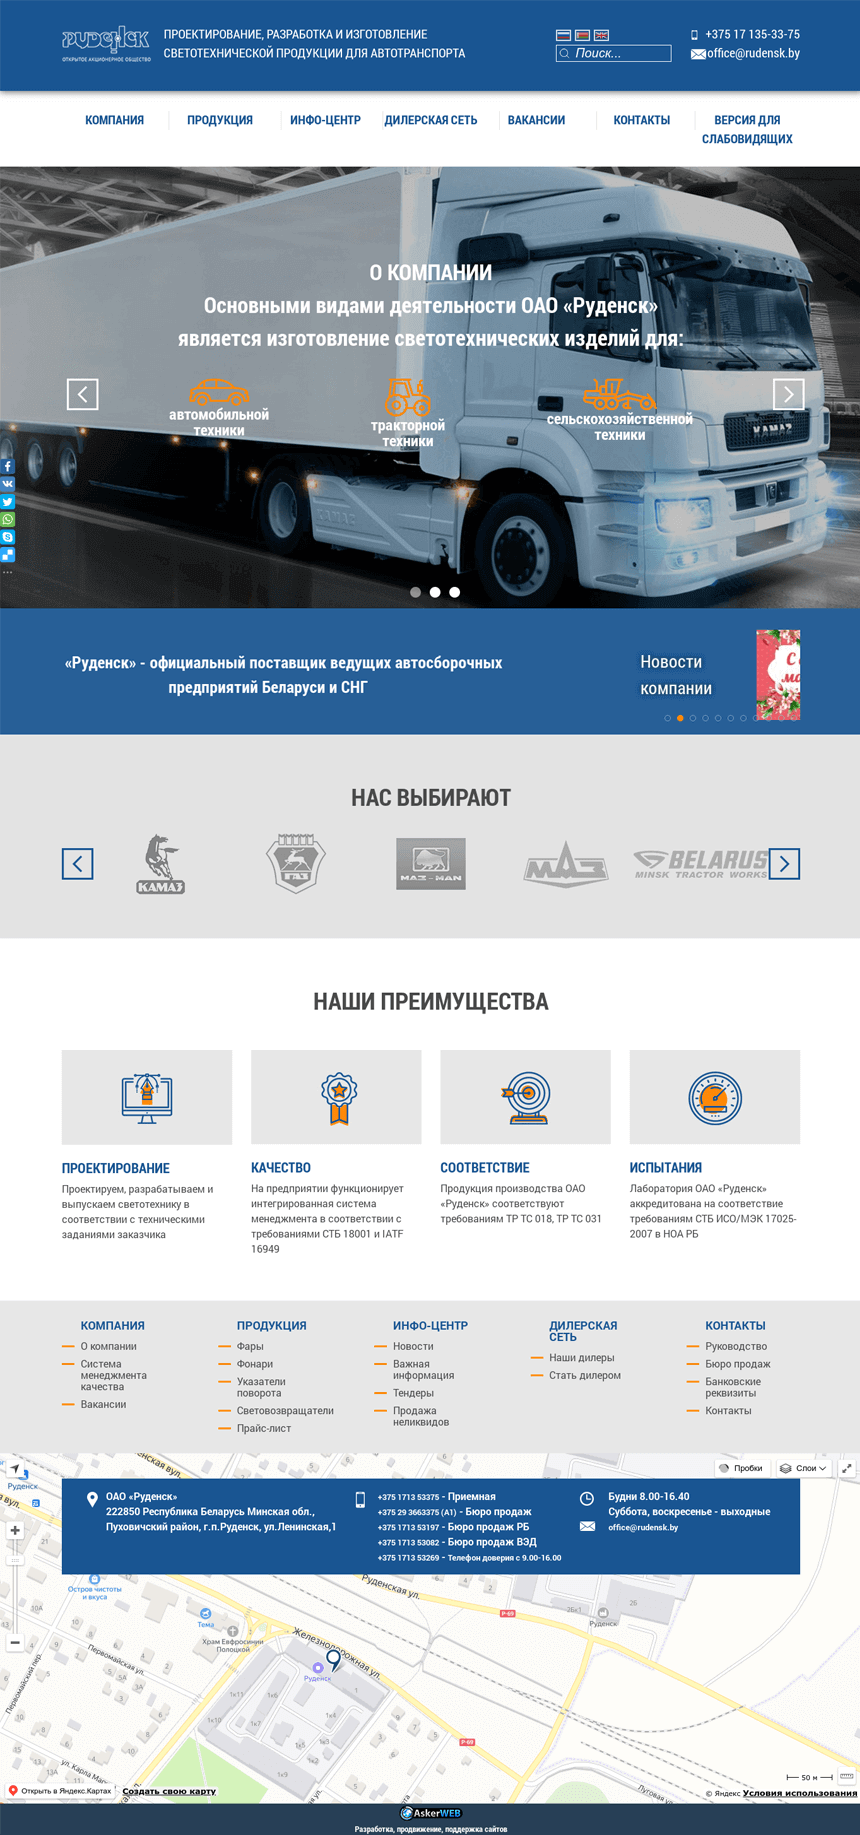 Примеры работ веб-студии «Askerweb»